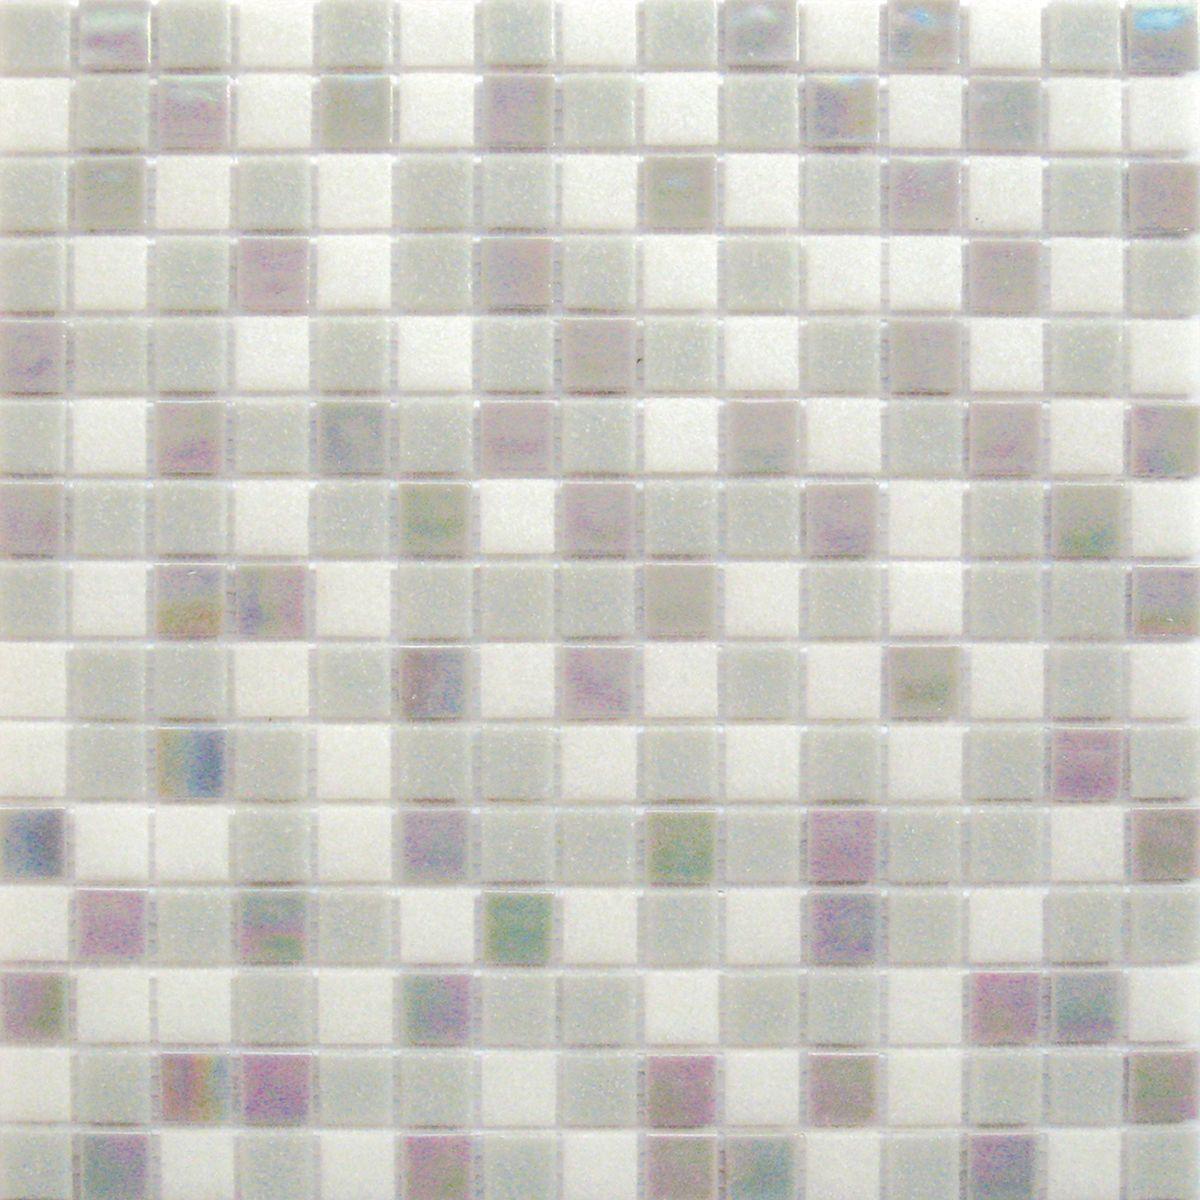 Mosaico Nuvola 32,7 x 32,7 cm grigio: prezzi e offerte online